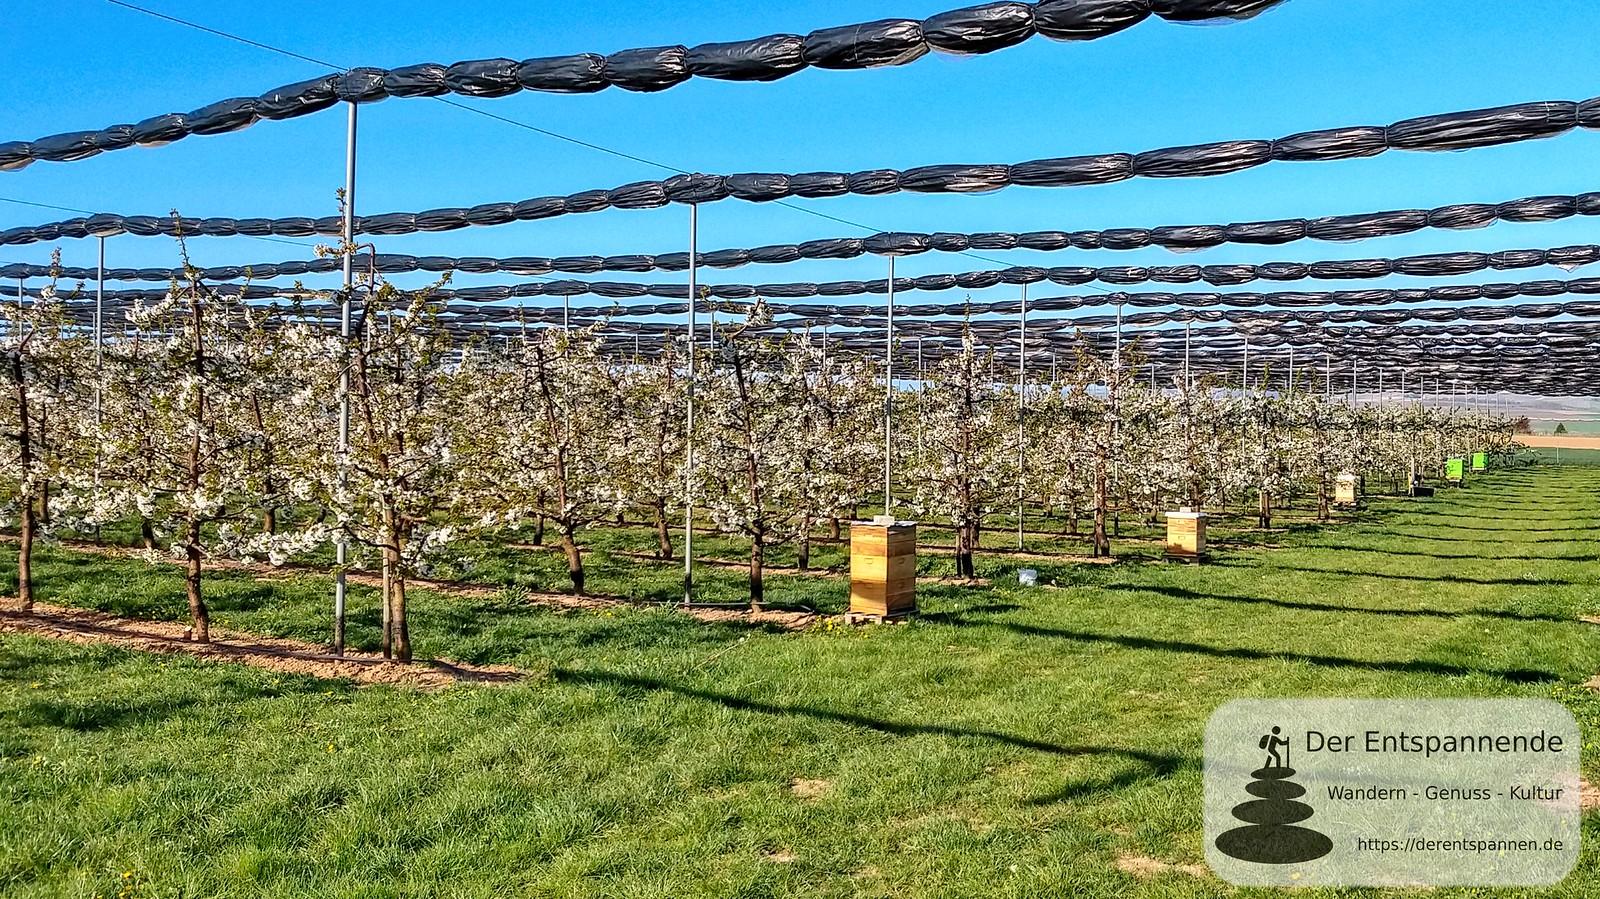 Obstplantage und Bienen-Beuten bei Zornheim